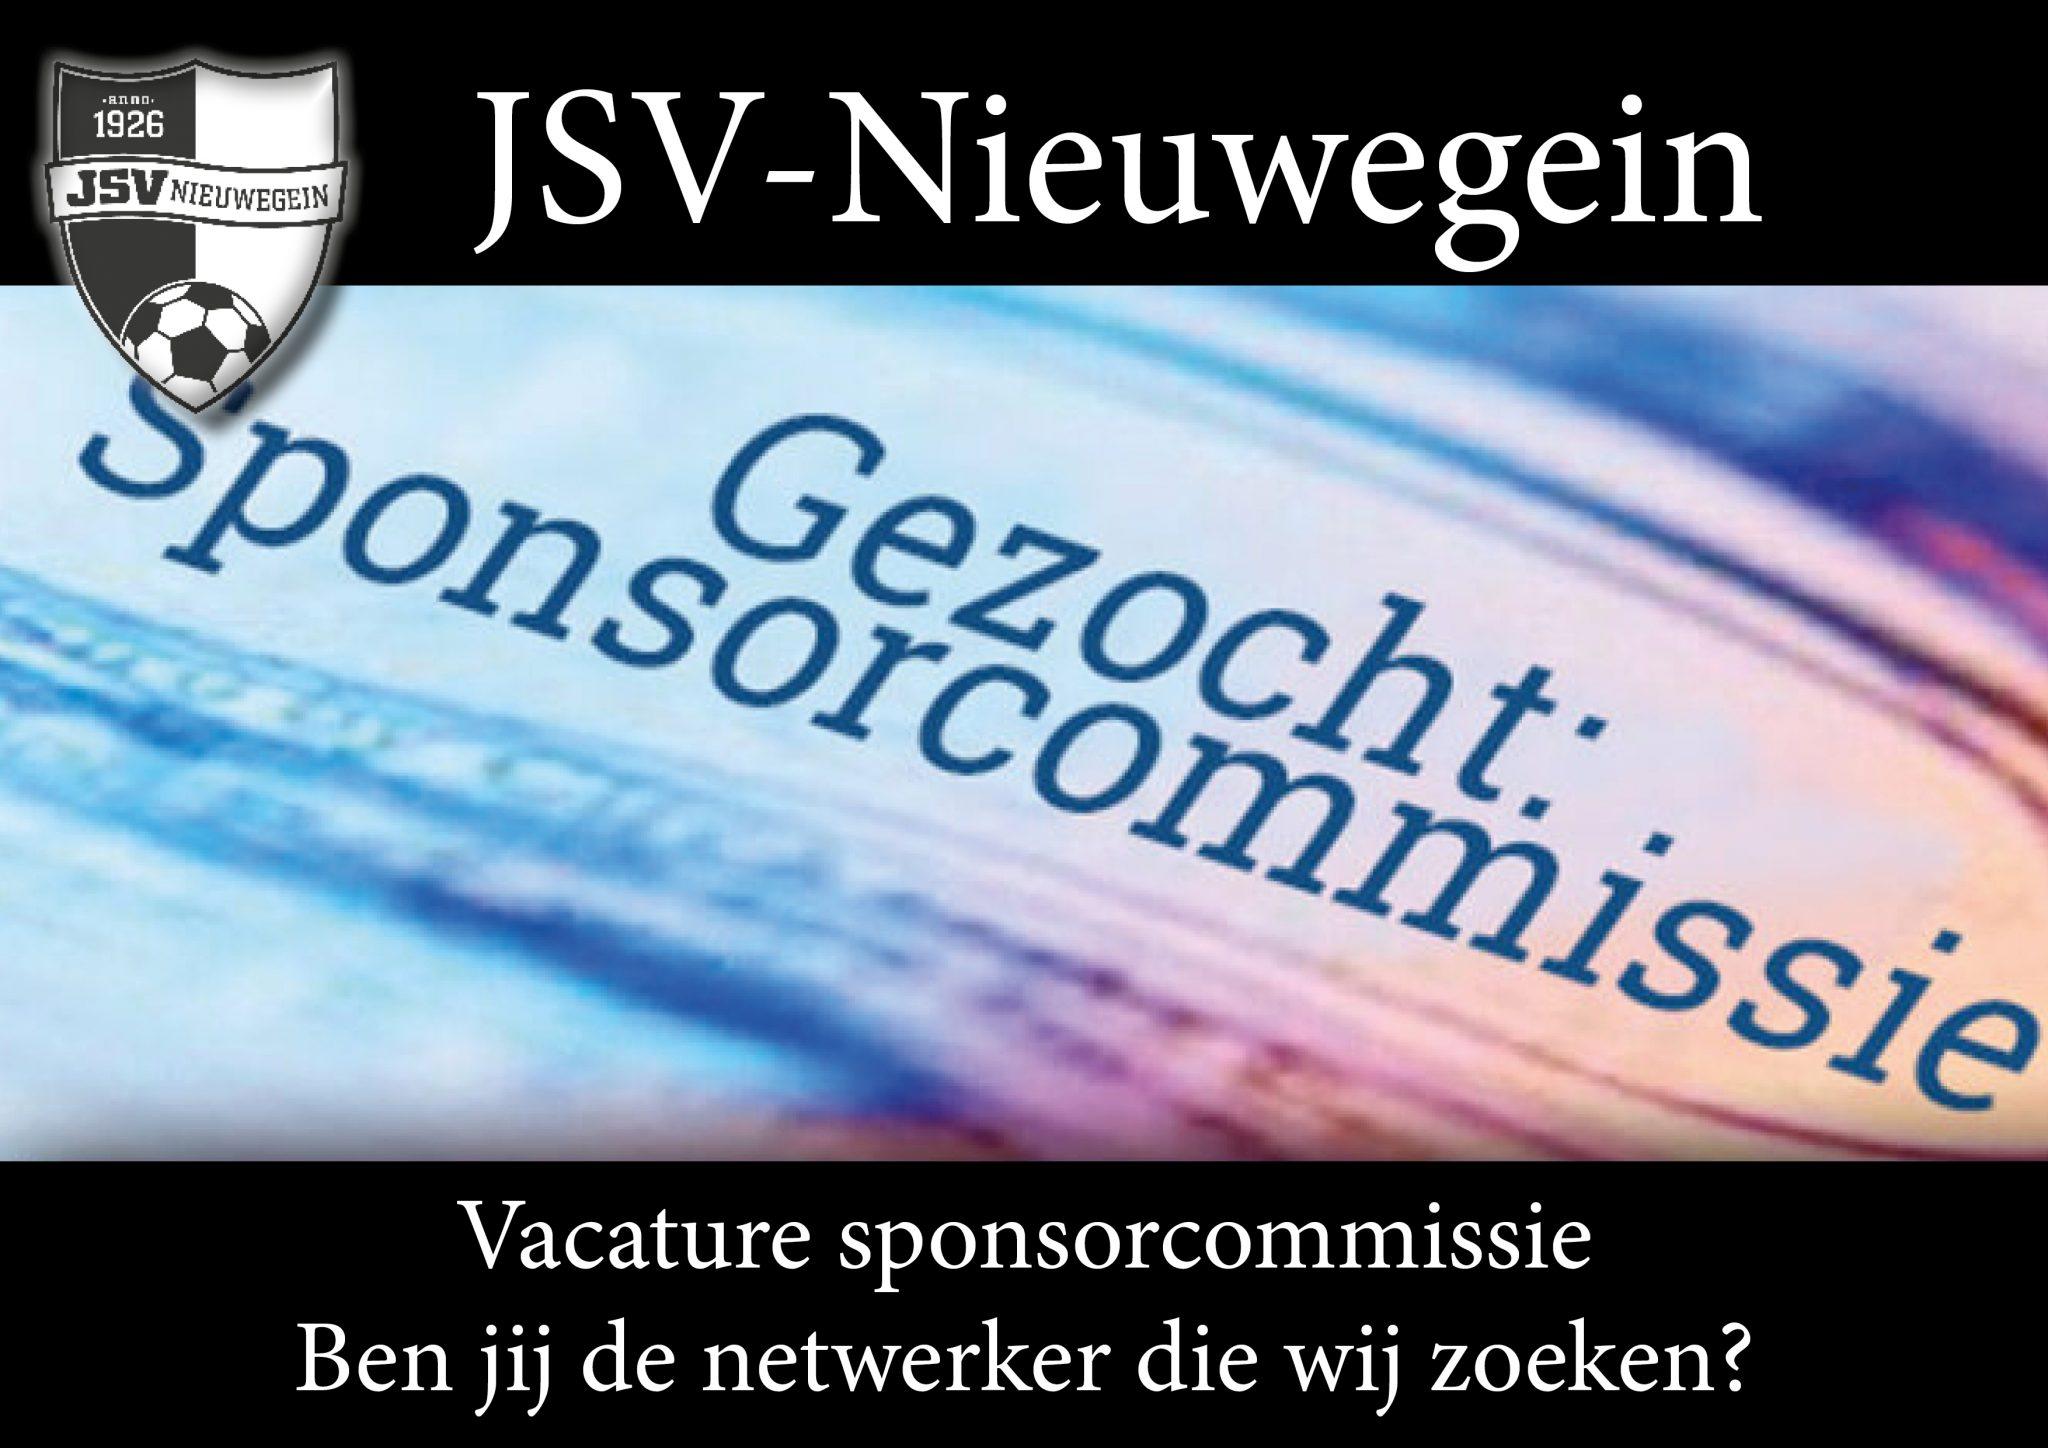 Vacature sponsorcommissie